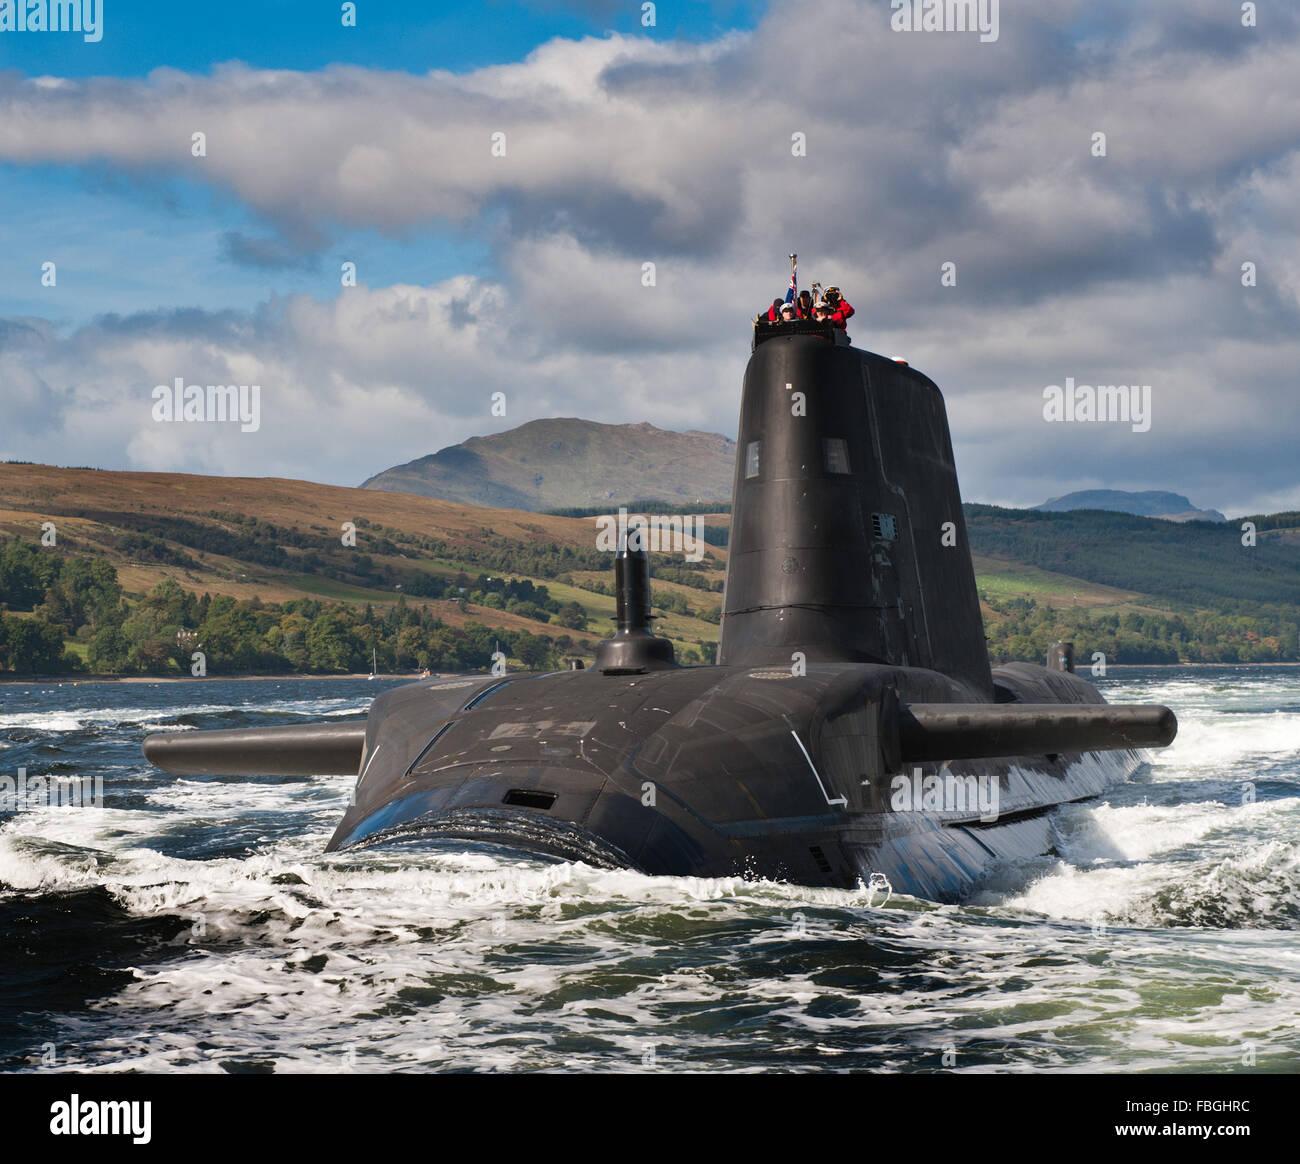 Royal Navy submarine HMS Astute - Stock Image